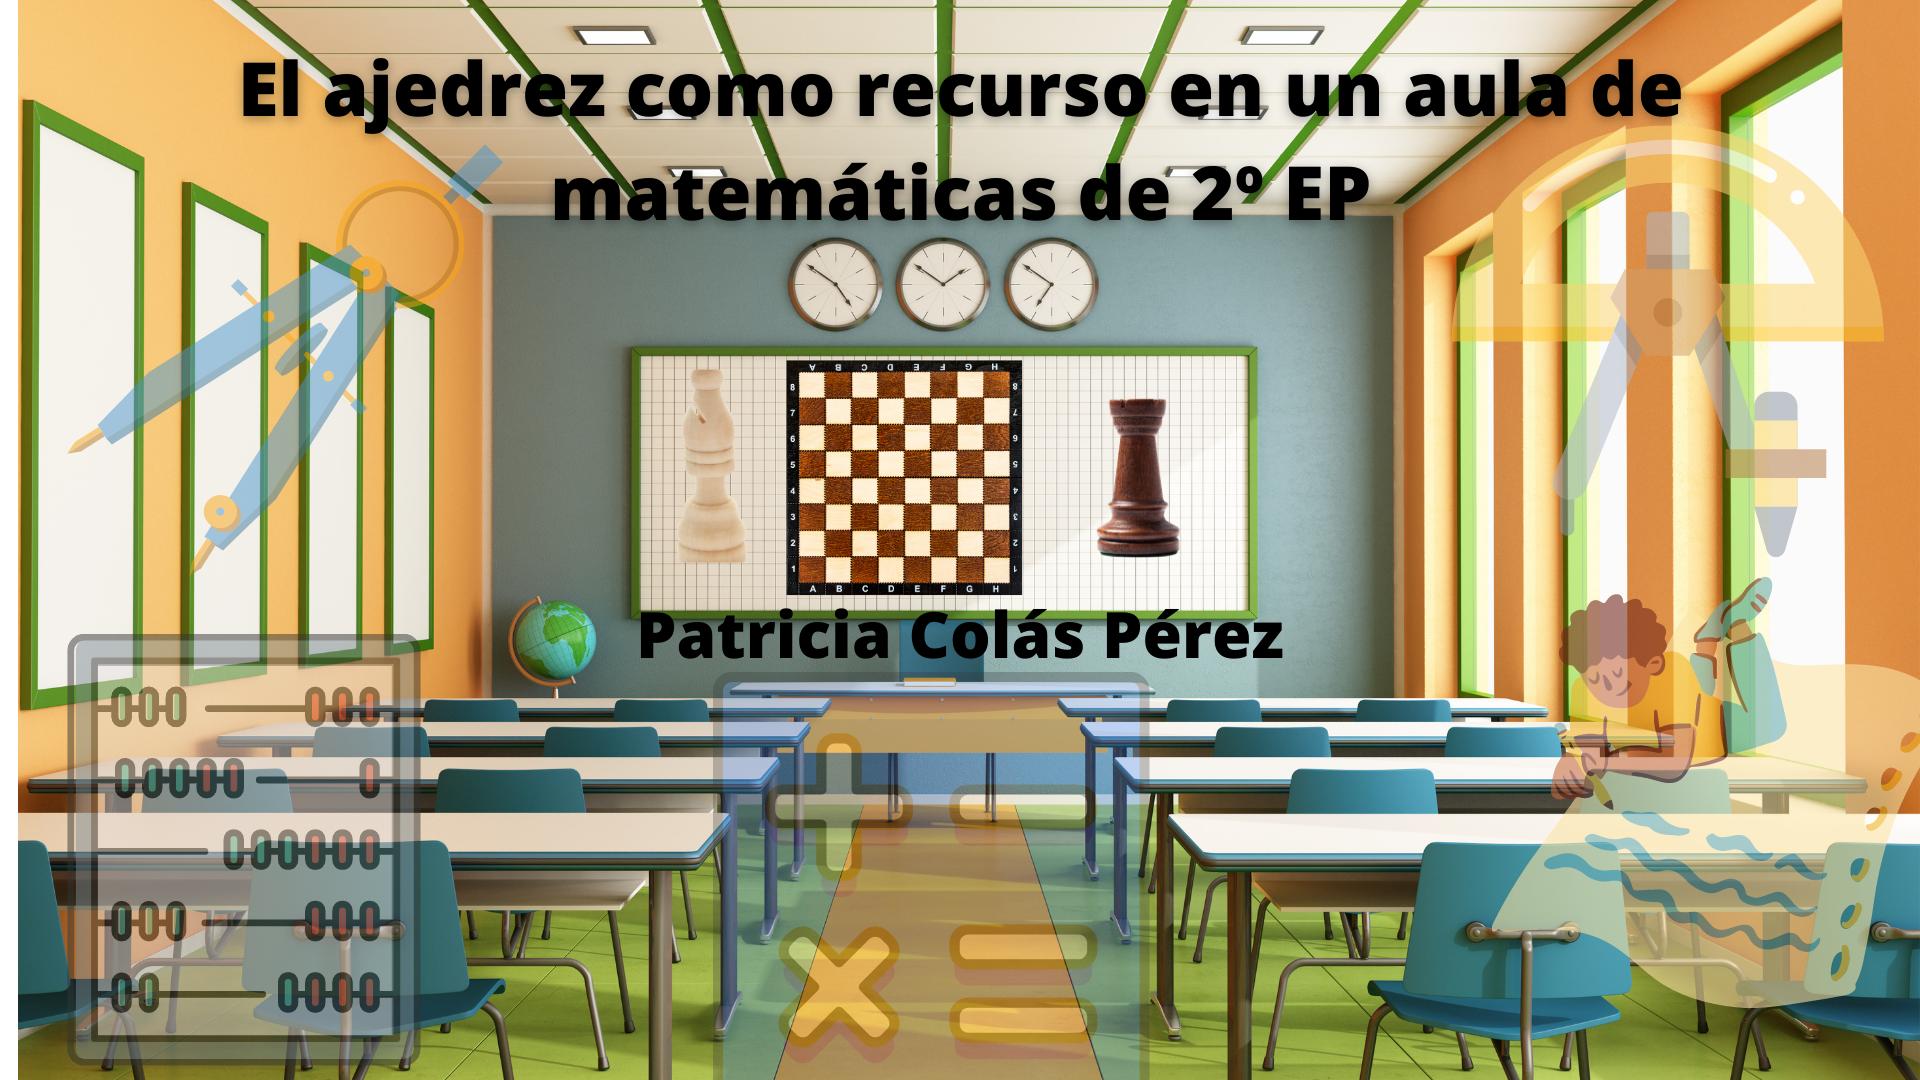 El ajedrez como recurso